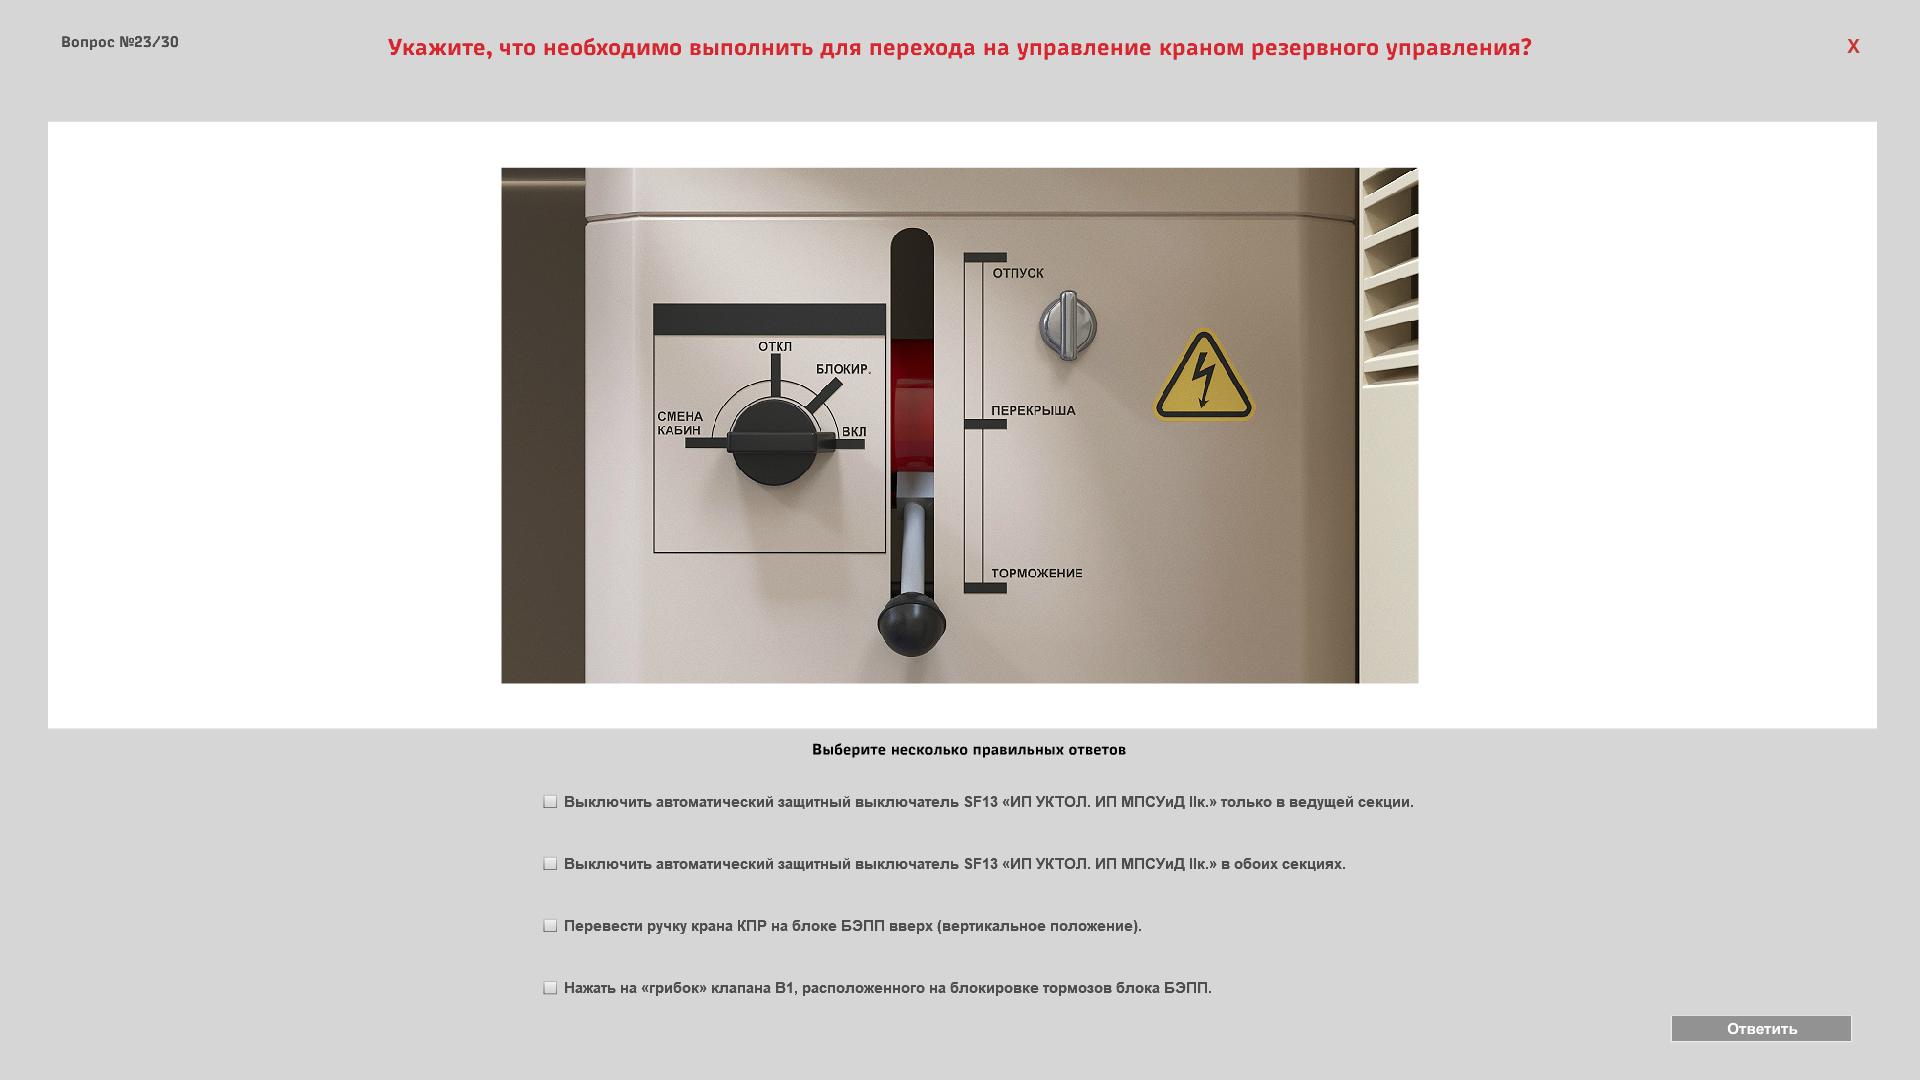 priemka test 03 Электронный учебный комплекс «Порядок сдачи и приёмки локомотивов локомотивными бригадами»